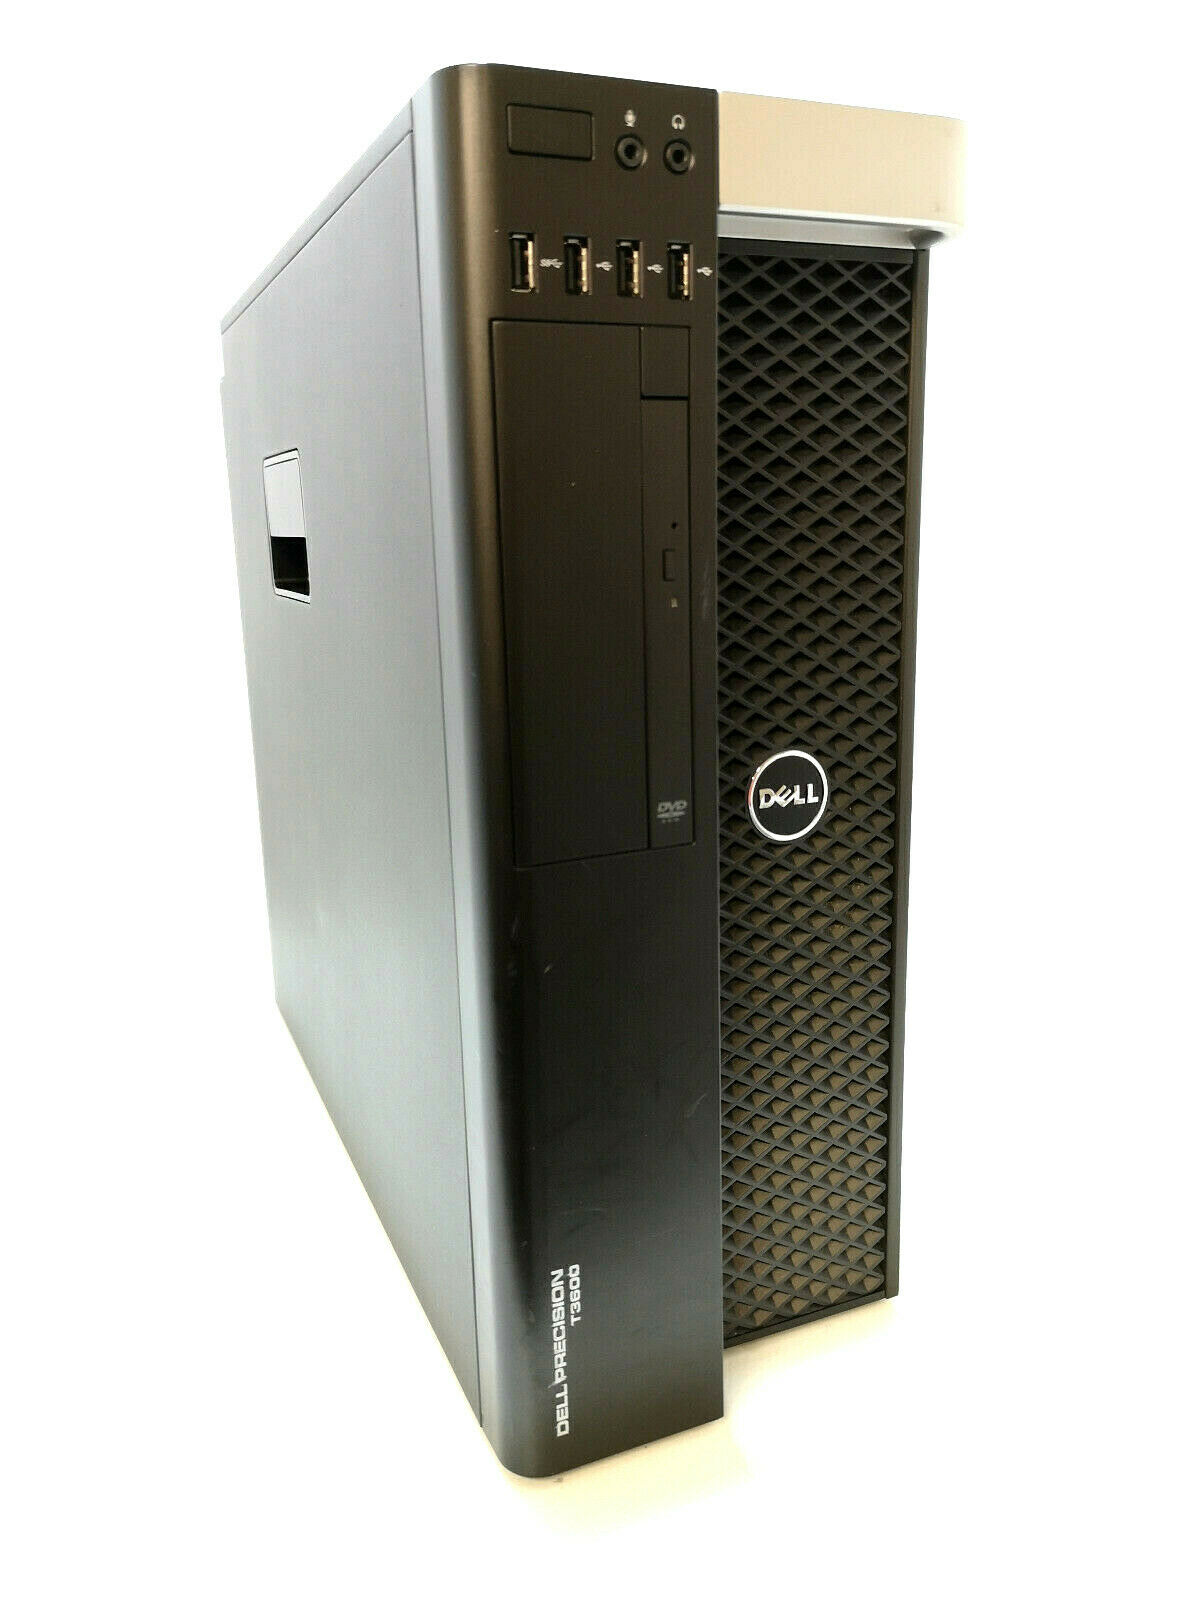 Dell-Precision-T3600 - 144061